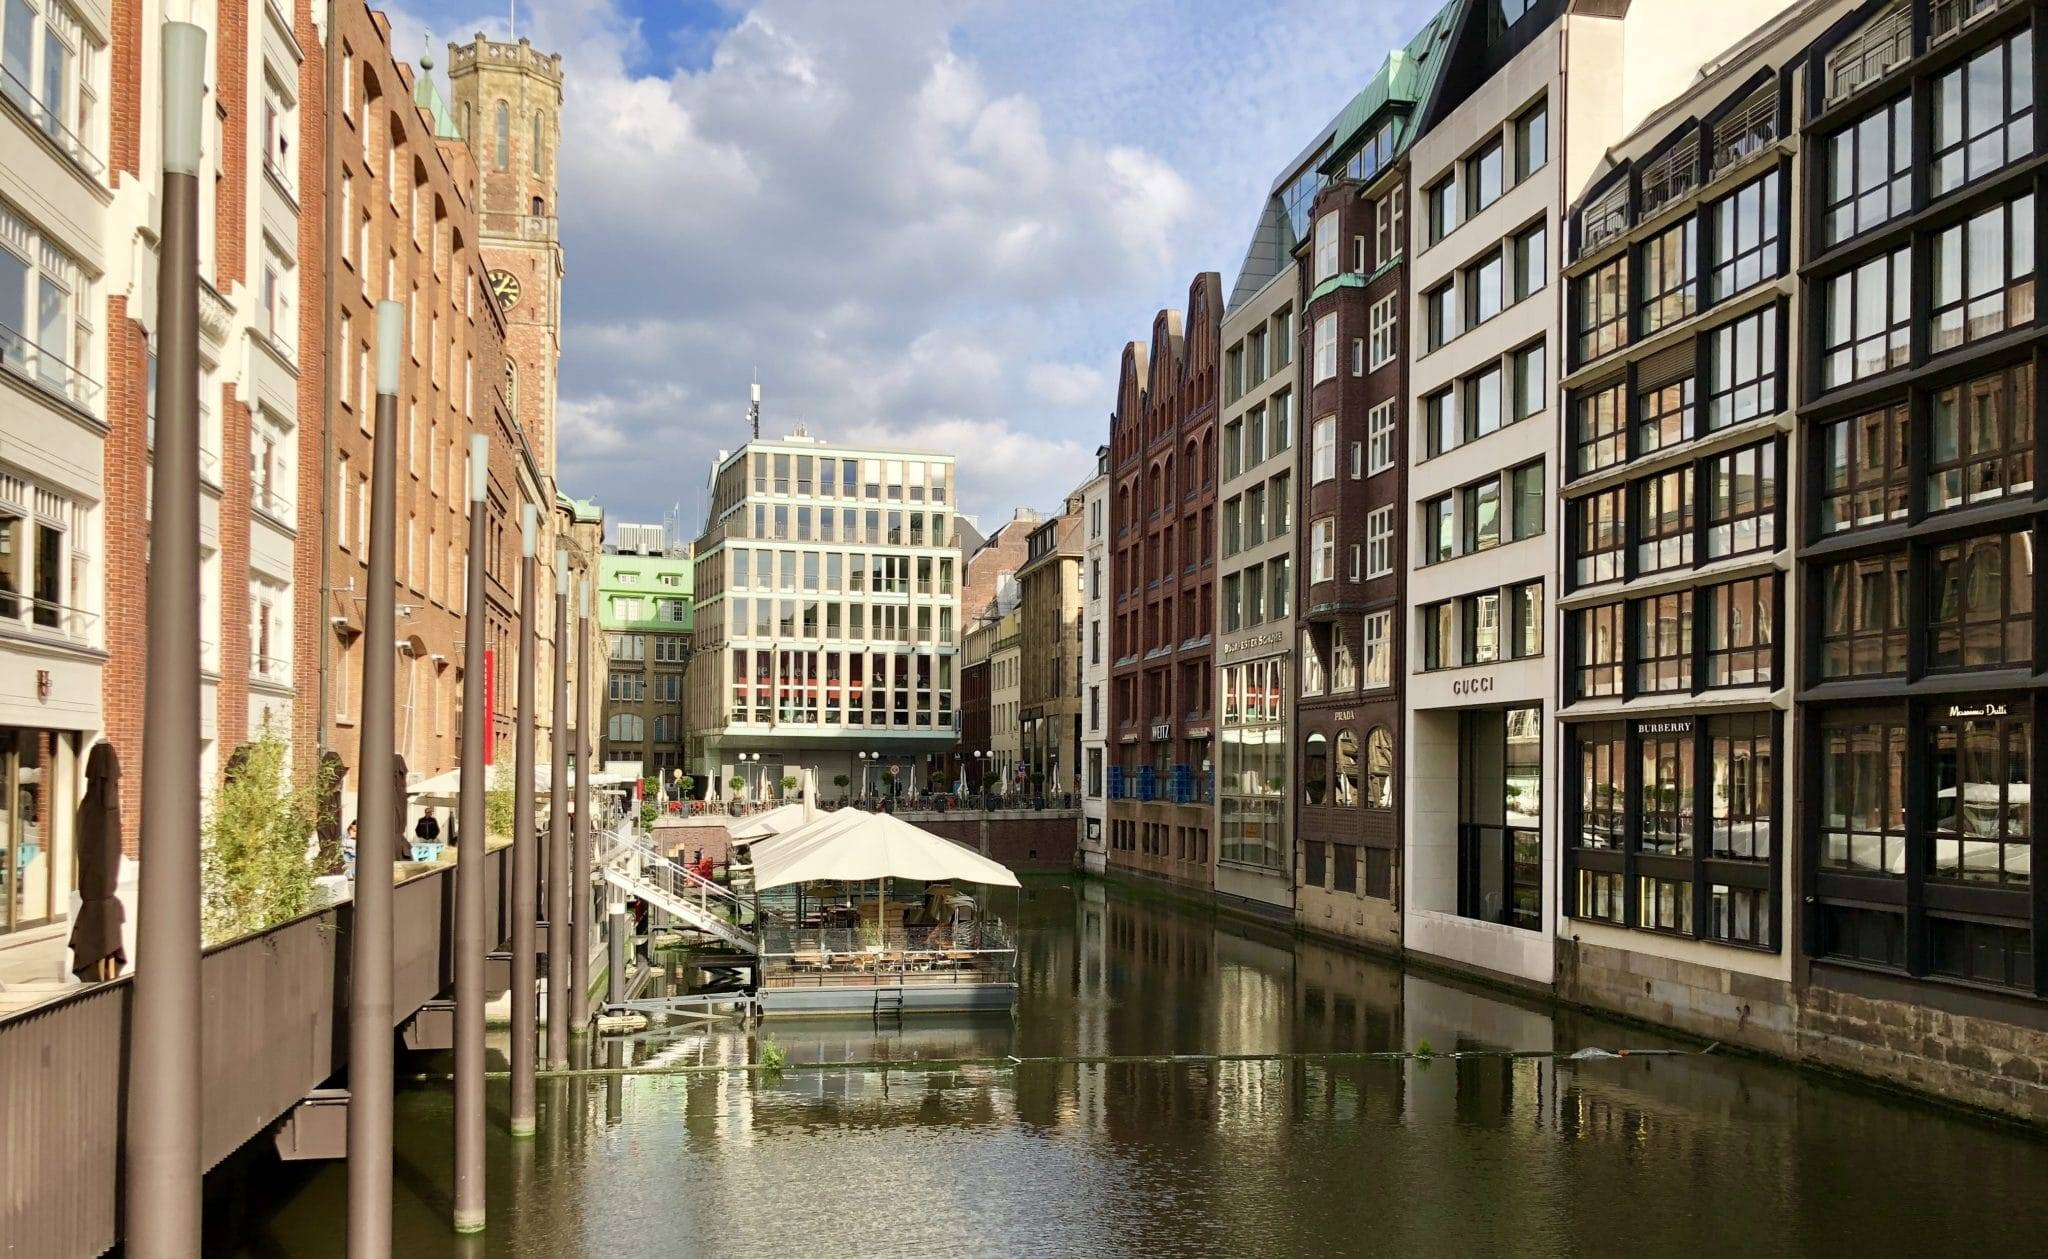 Коммерческая недвижимость вмайнце — купить! цены на готовый бизнес, инвестиции в недвижимость вмайнце